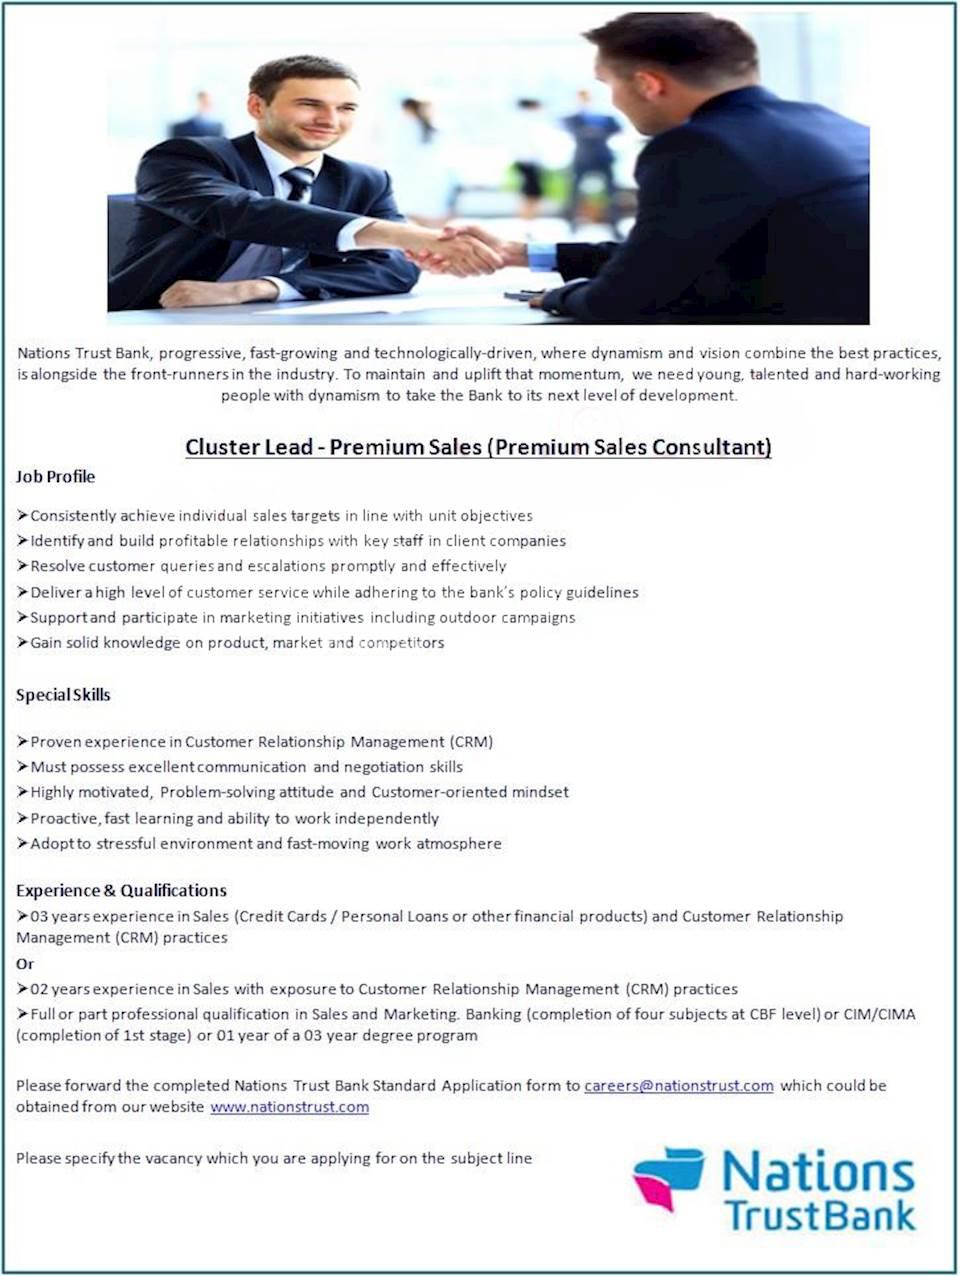 Cluster Lead - Premium Sales (Premium Sales Consultant)